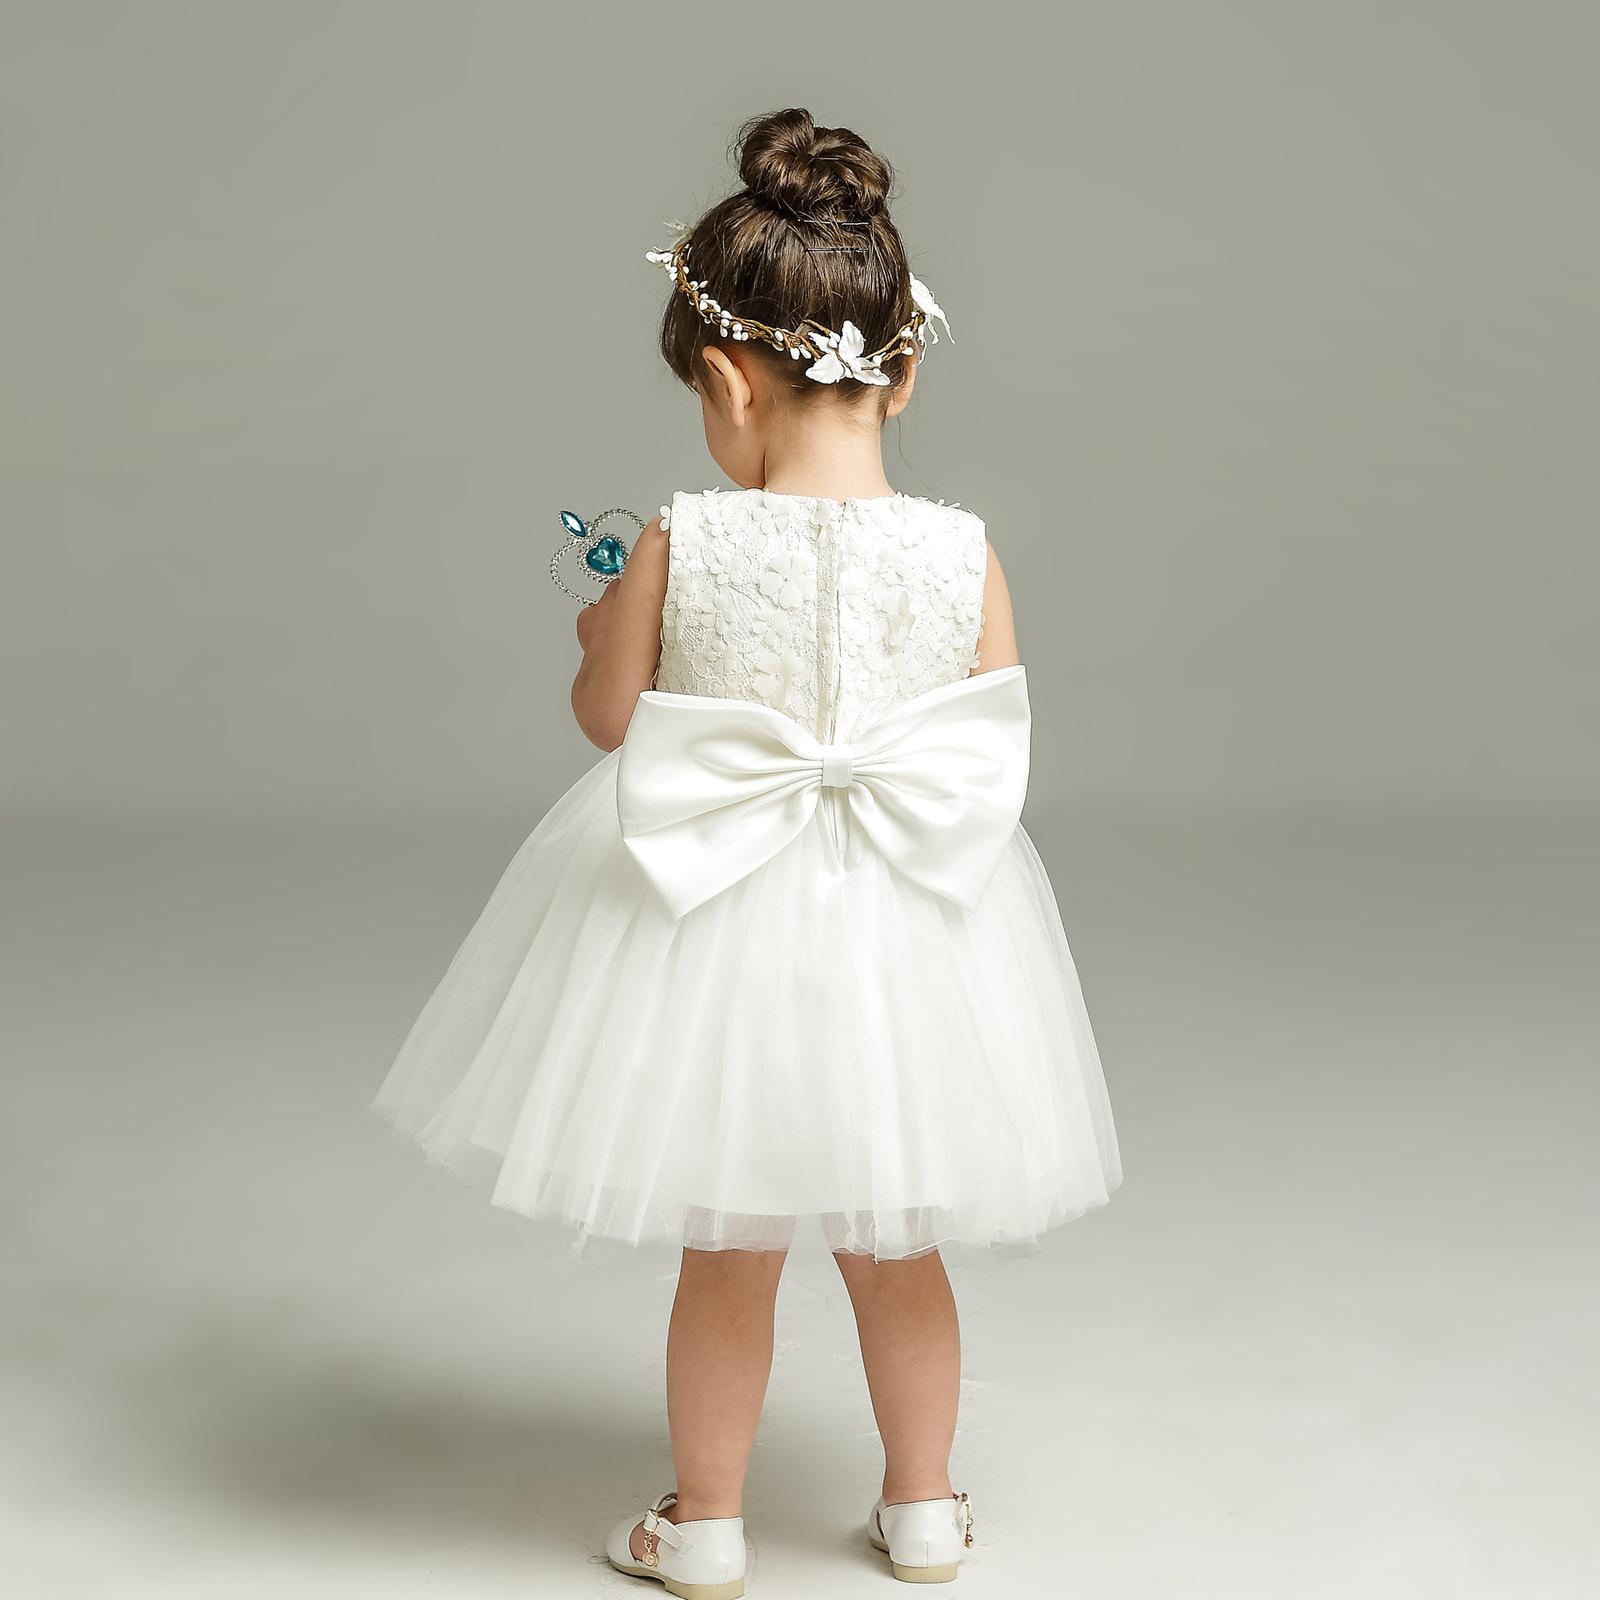 New Body Dress 0-24 Month Strapless White Flower Girl Dress Ball Gowns Short2018 image 3